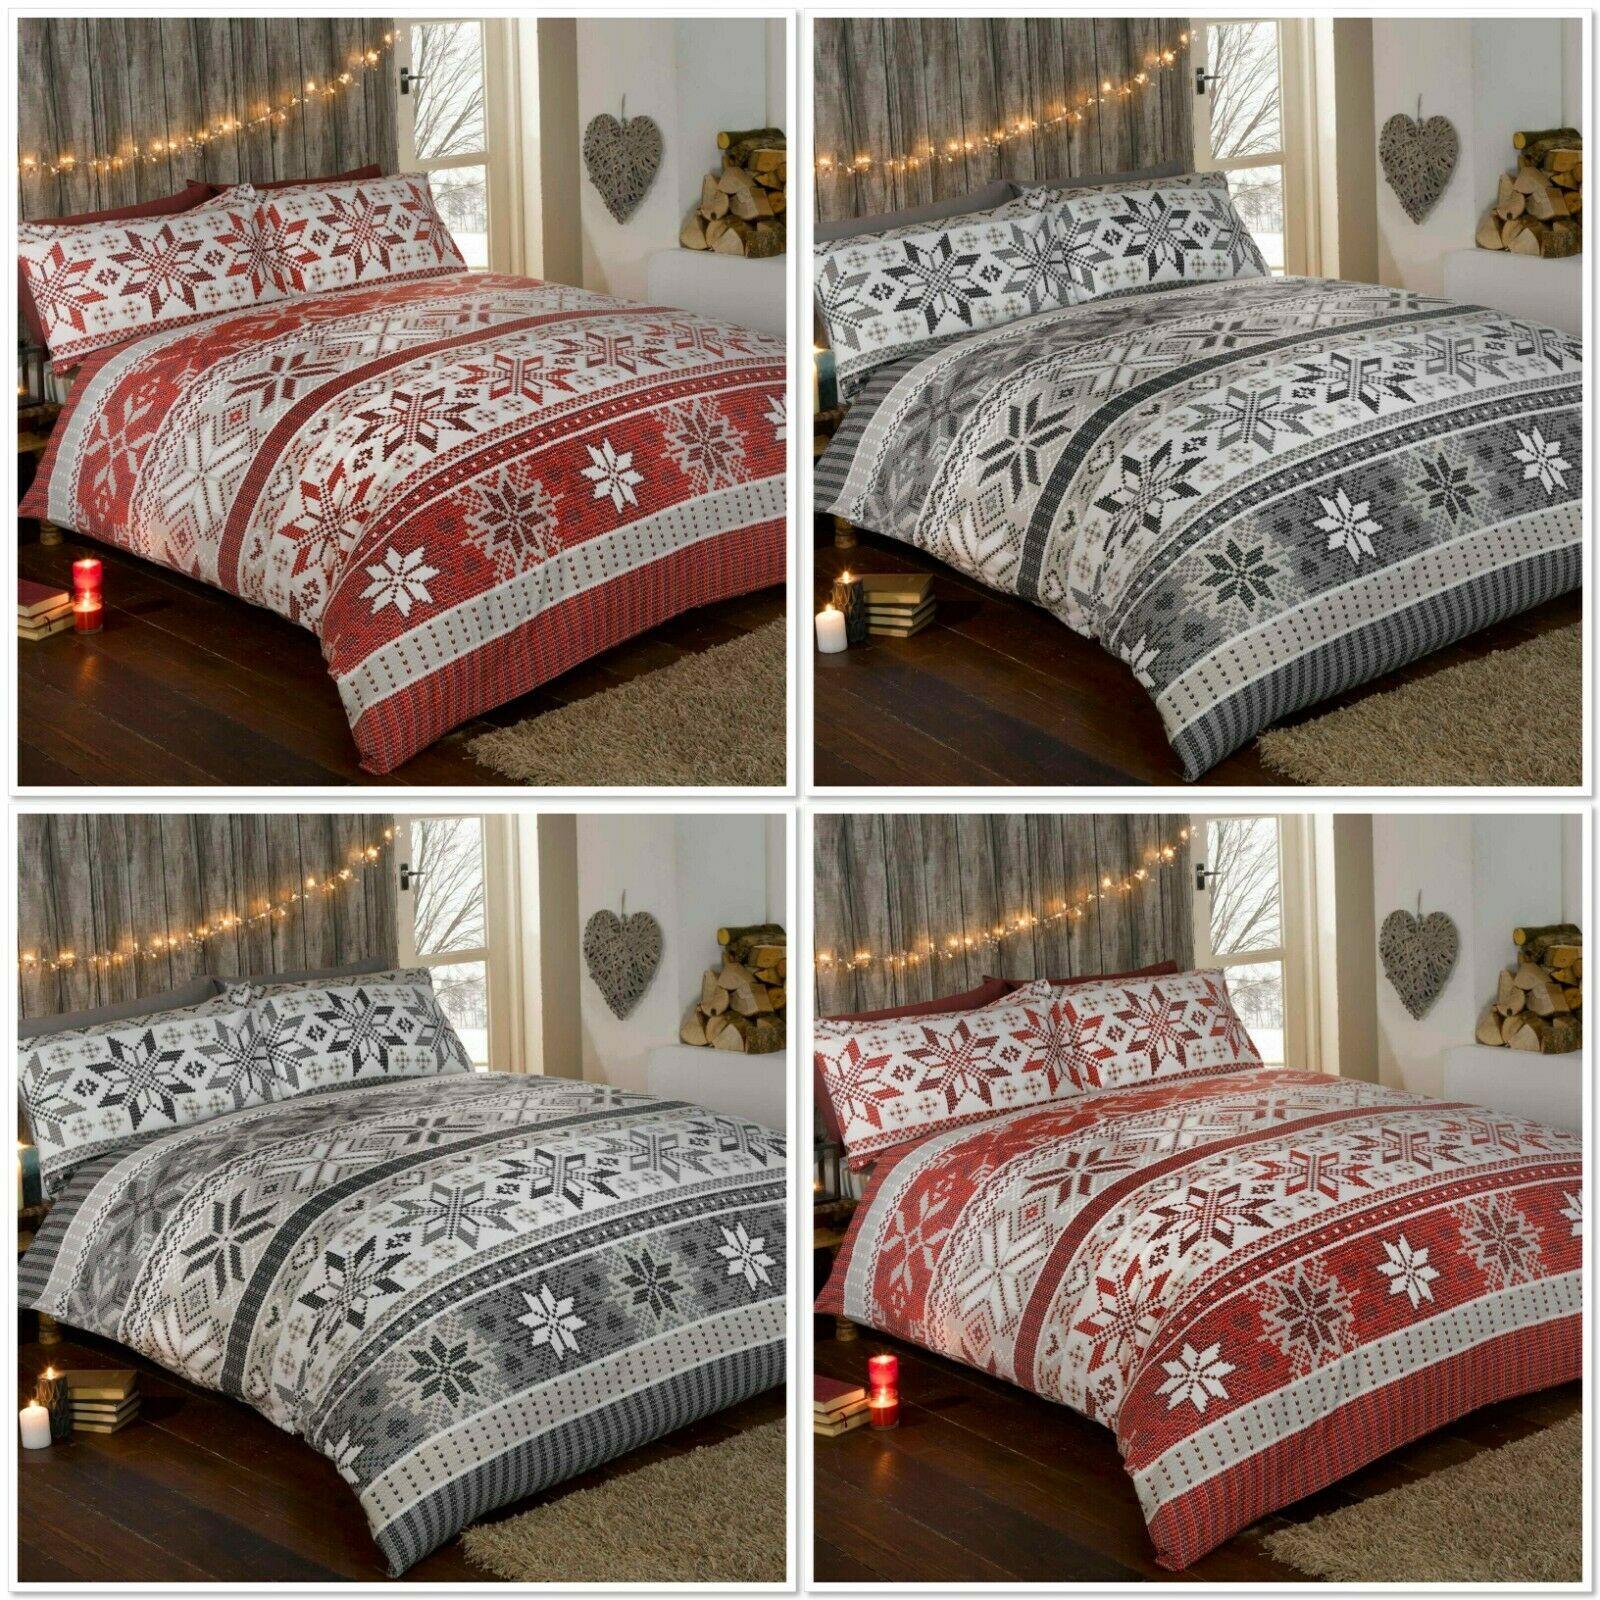 Rapport Stockholm 100 Brushed Cotton Flannelette Duvet Cover Bed